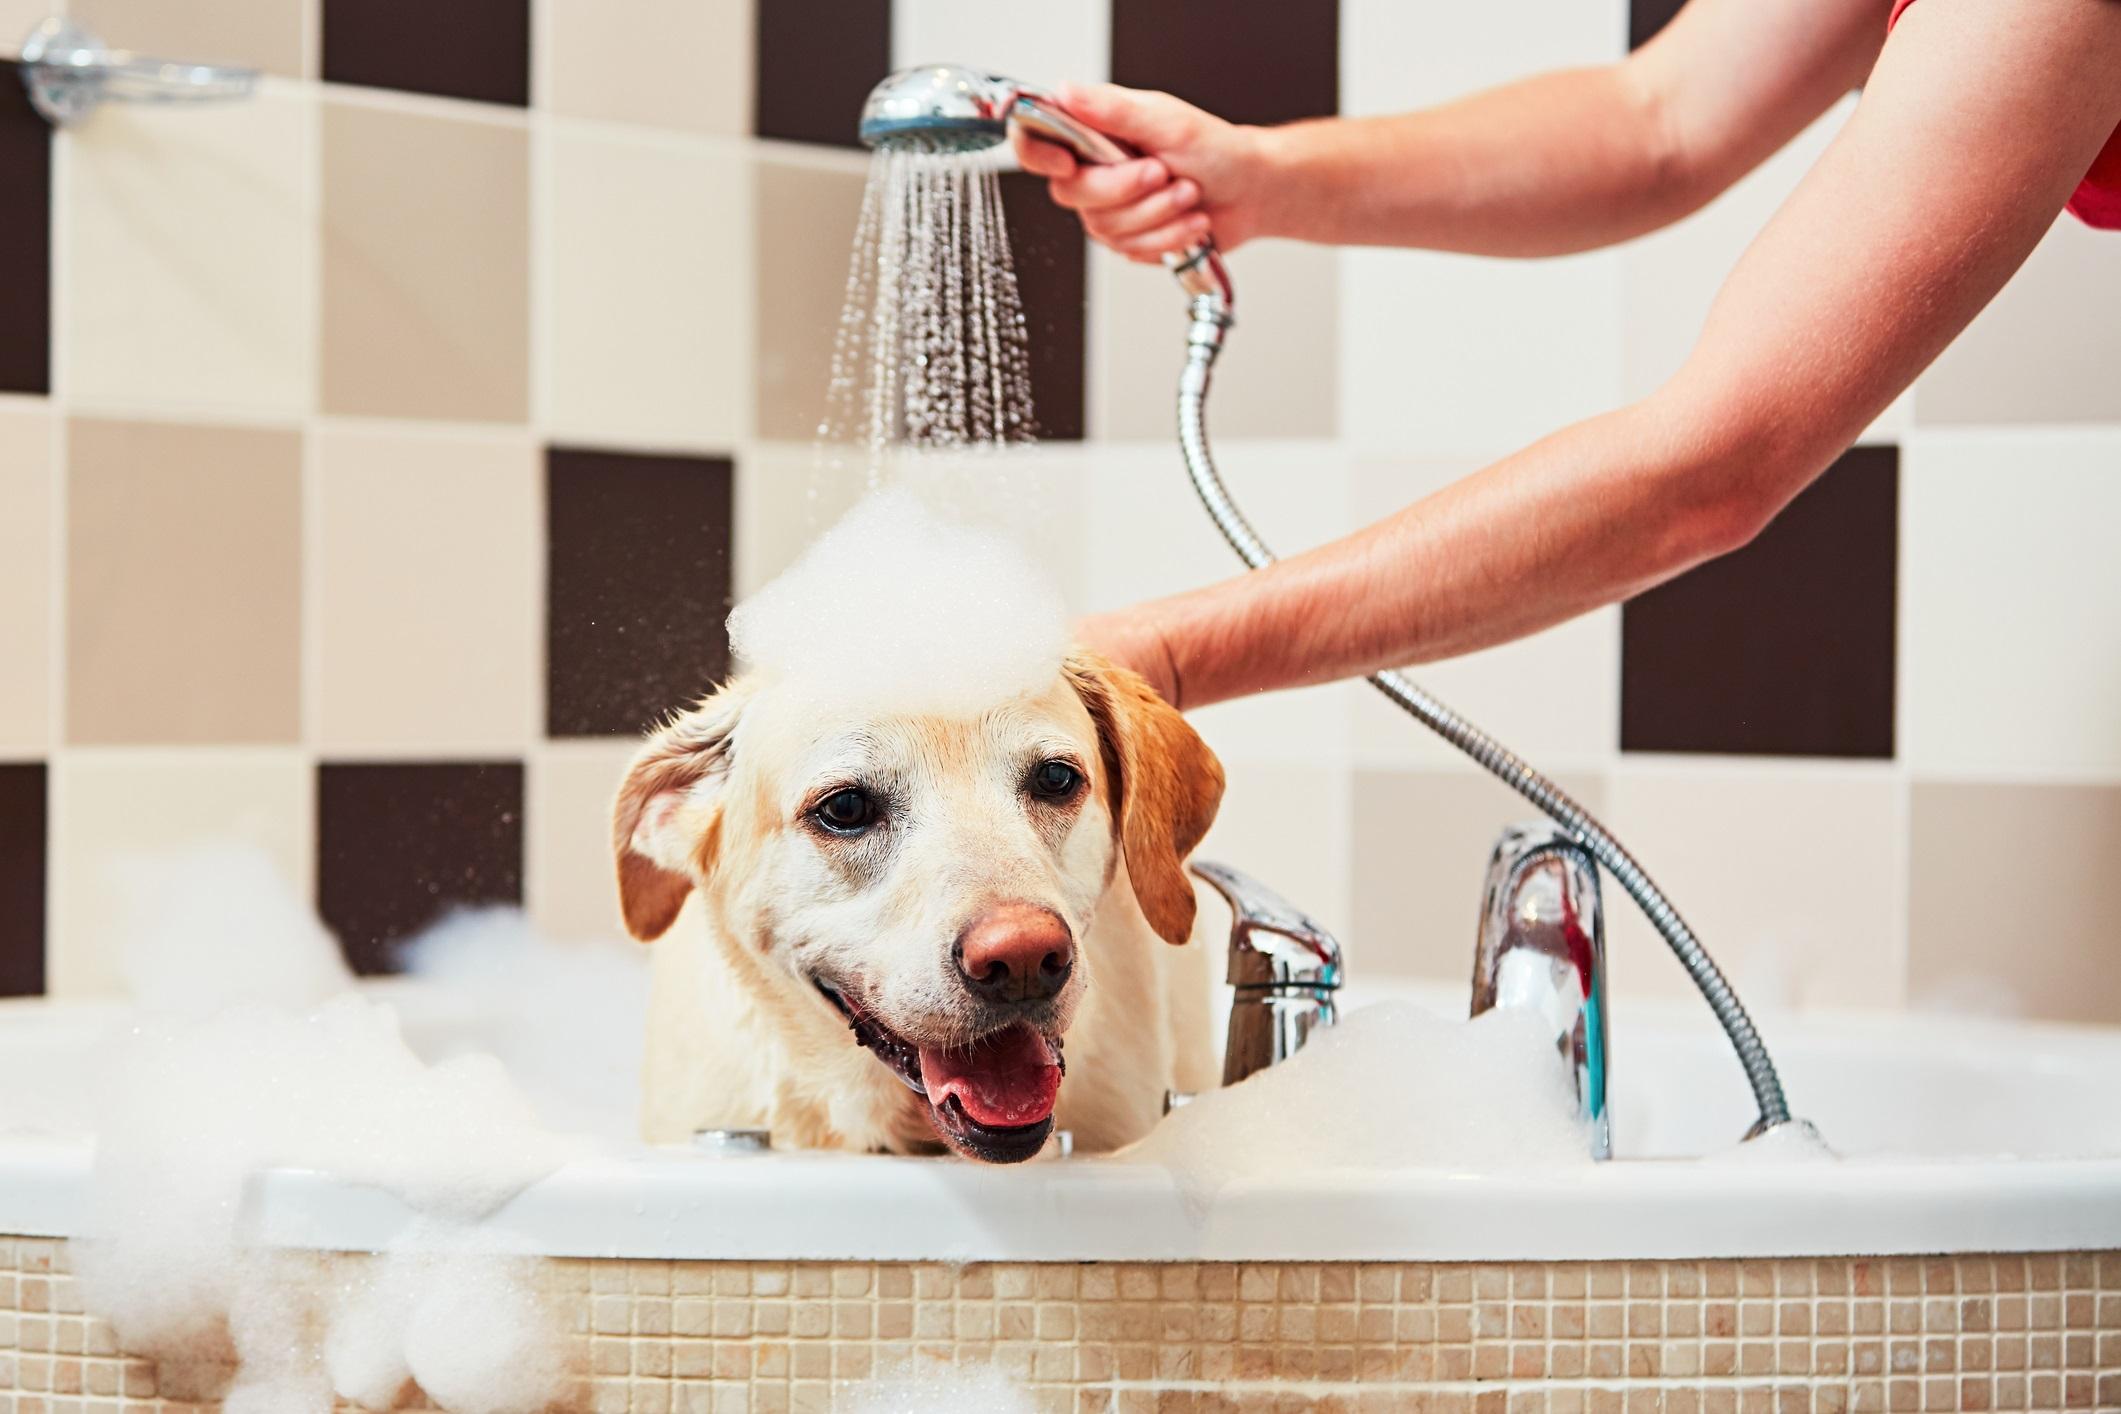 <p>Домашният любимец няма място в спалнята<br /> <br /> Ако имате домашен любимец, време е да спрете да го пускате в спалнята ви. Освен това трябва редовно да се грижите на хигиената на домашния любимец. Не забравяйте редовно да решите кучето или котката навън, така ще намалите количеството козина, което пада в дома ви. Когато купете домашния любимец използвайте хладка вода, защото топлата изсушава кожата и предизвиква лющене. Почиствайте леглото на домашния любимец редовно с гореща вода.</p>